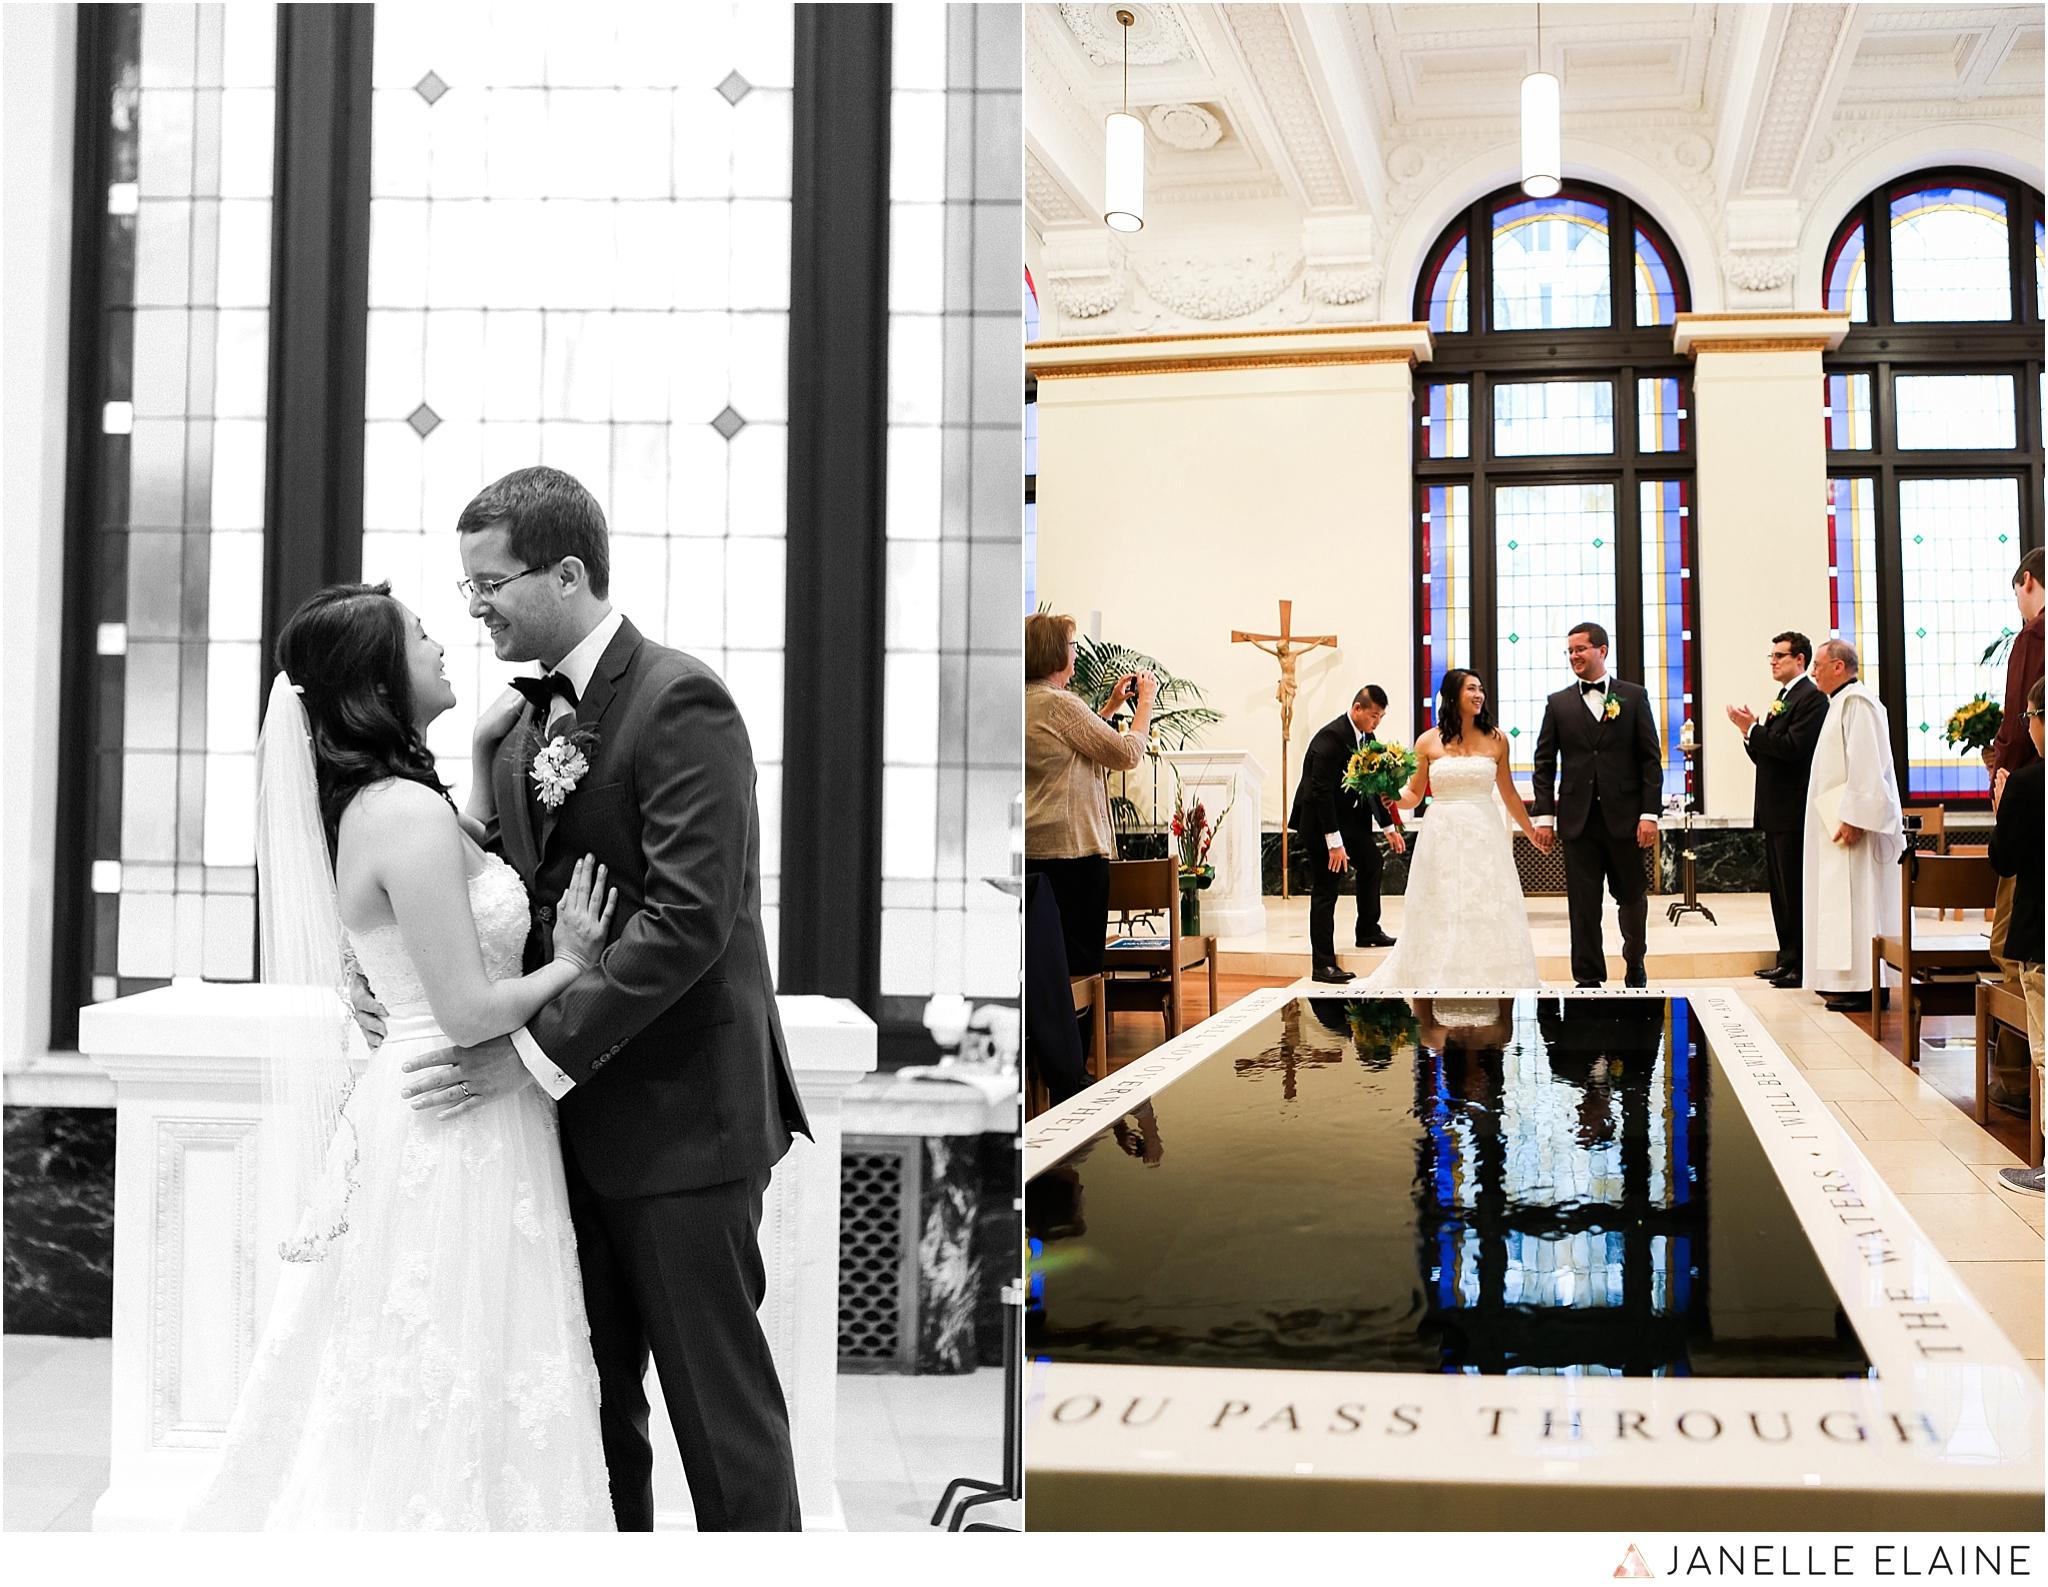 janelle elaine photography-professional wedding photographer seattle--51.jpg